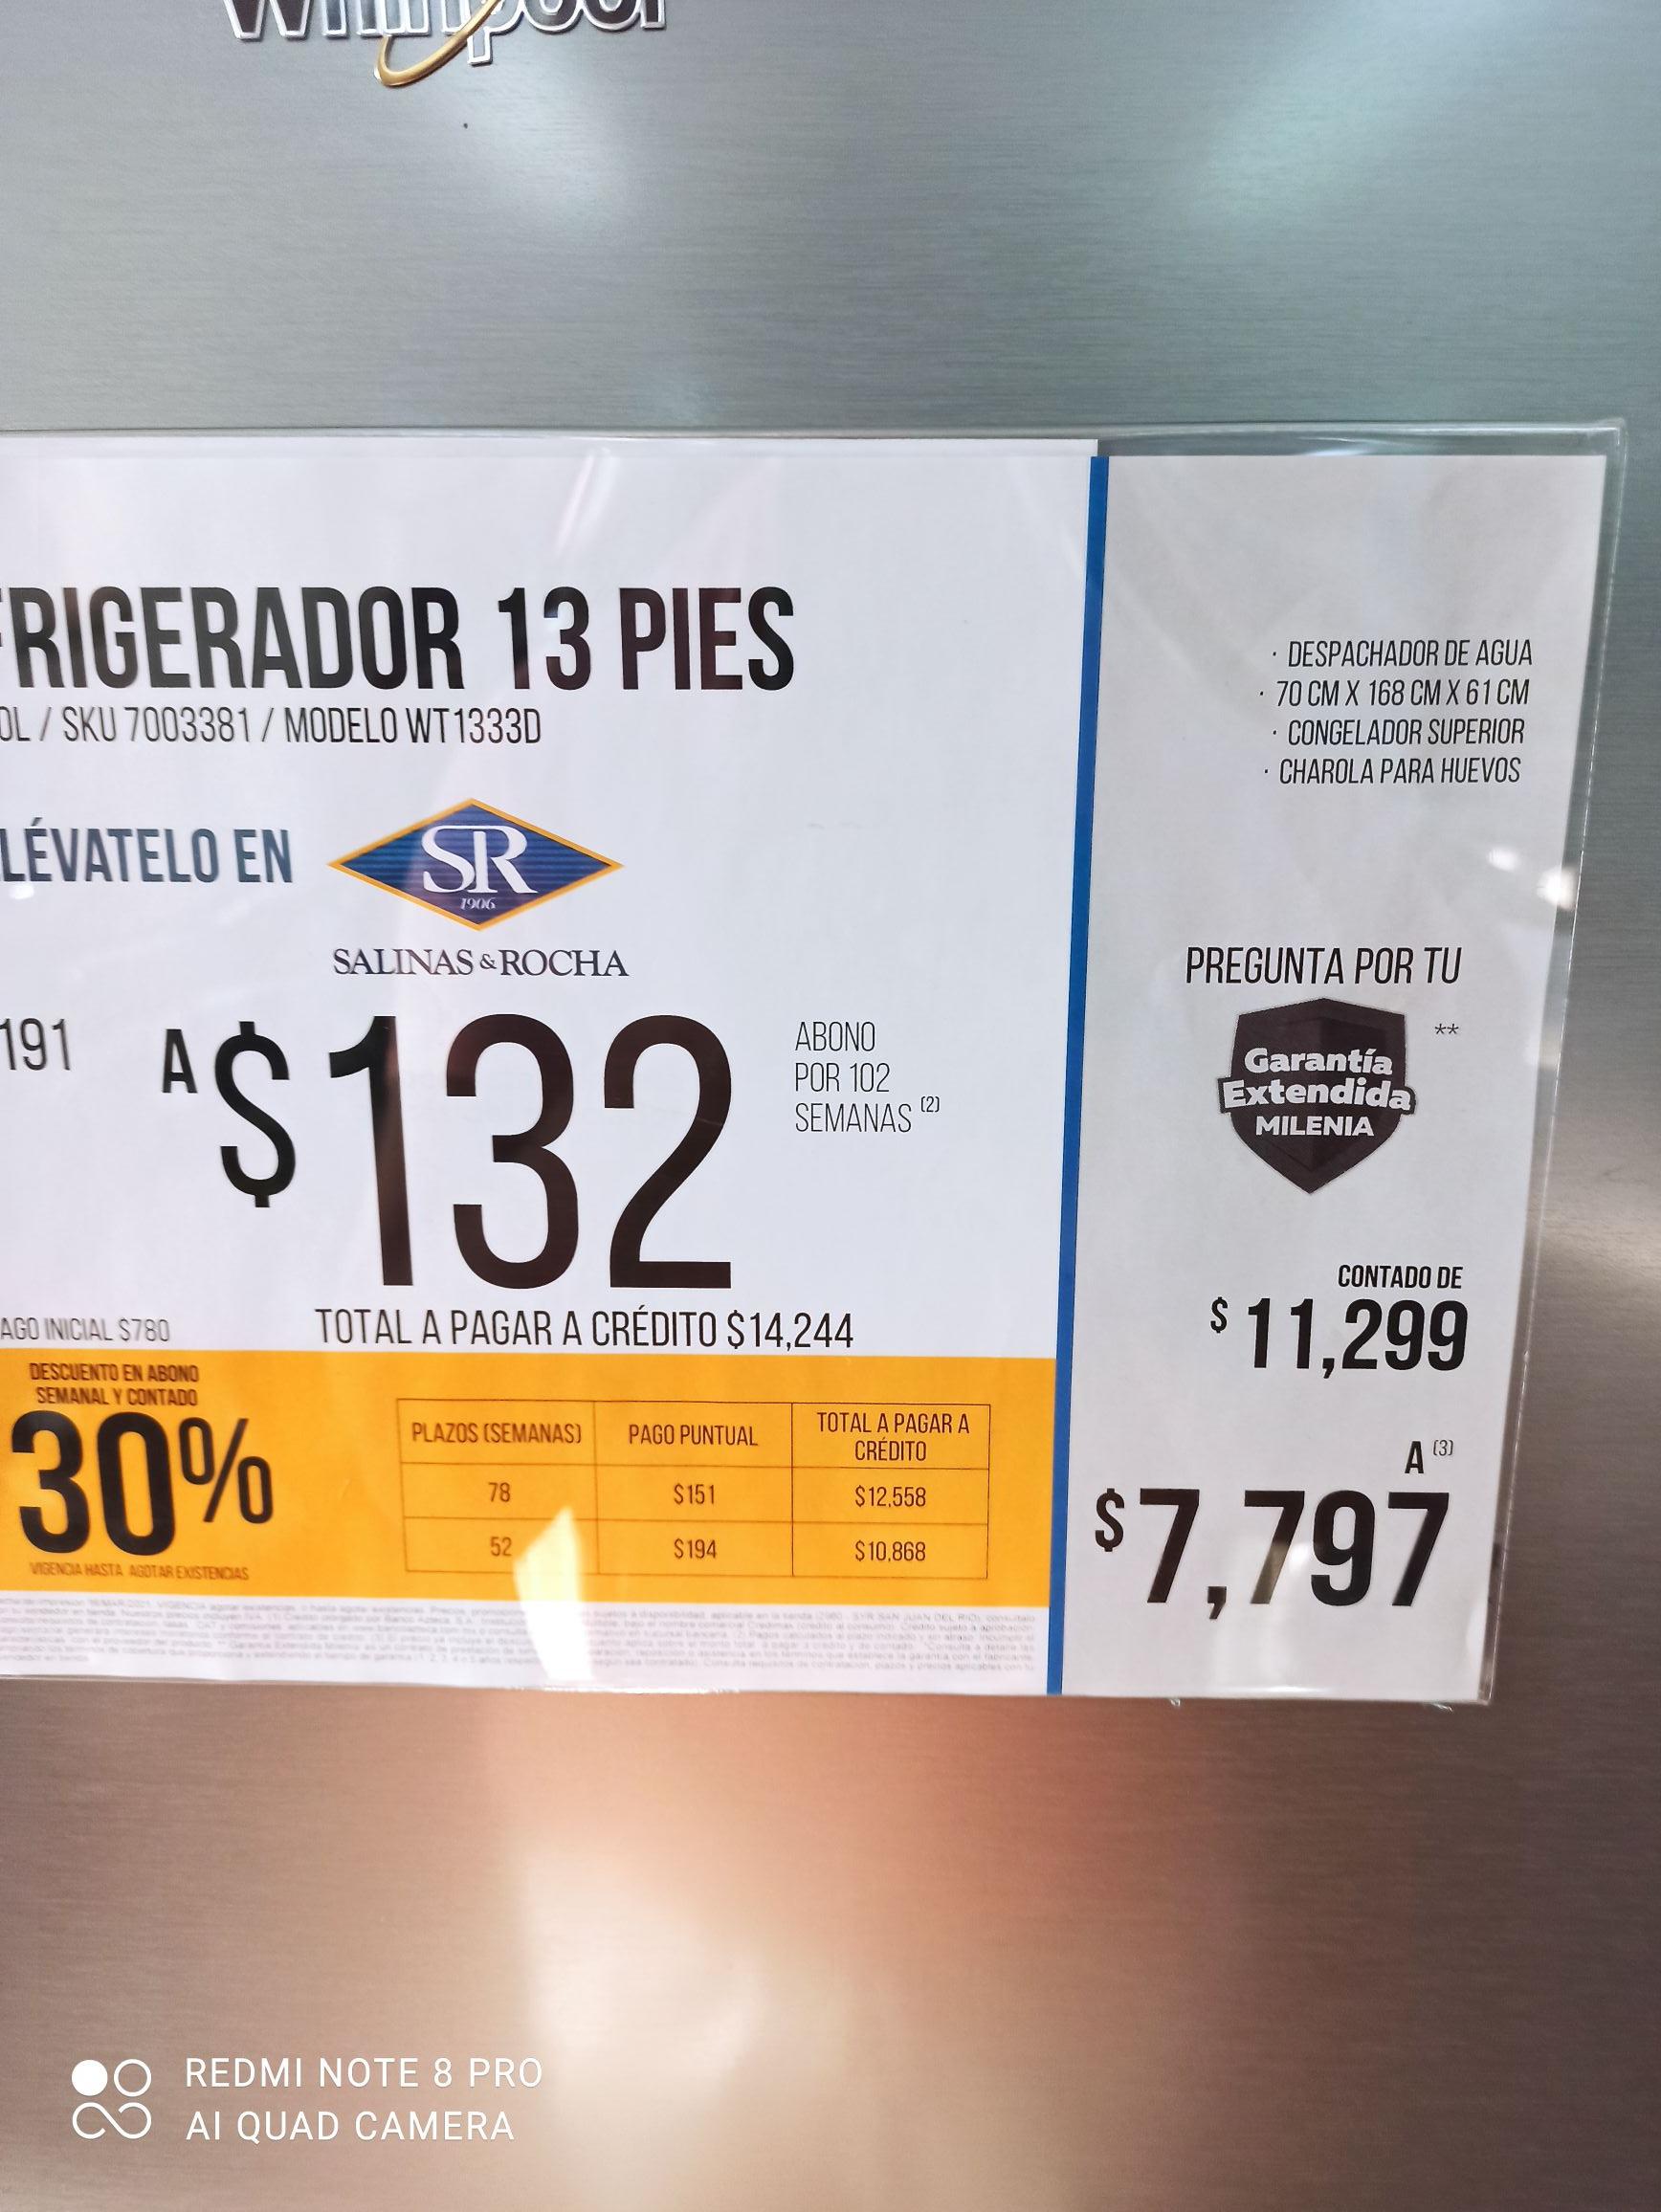 Salinas y Rocha Refrigerador 13 pies Whirlpool